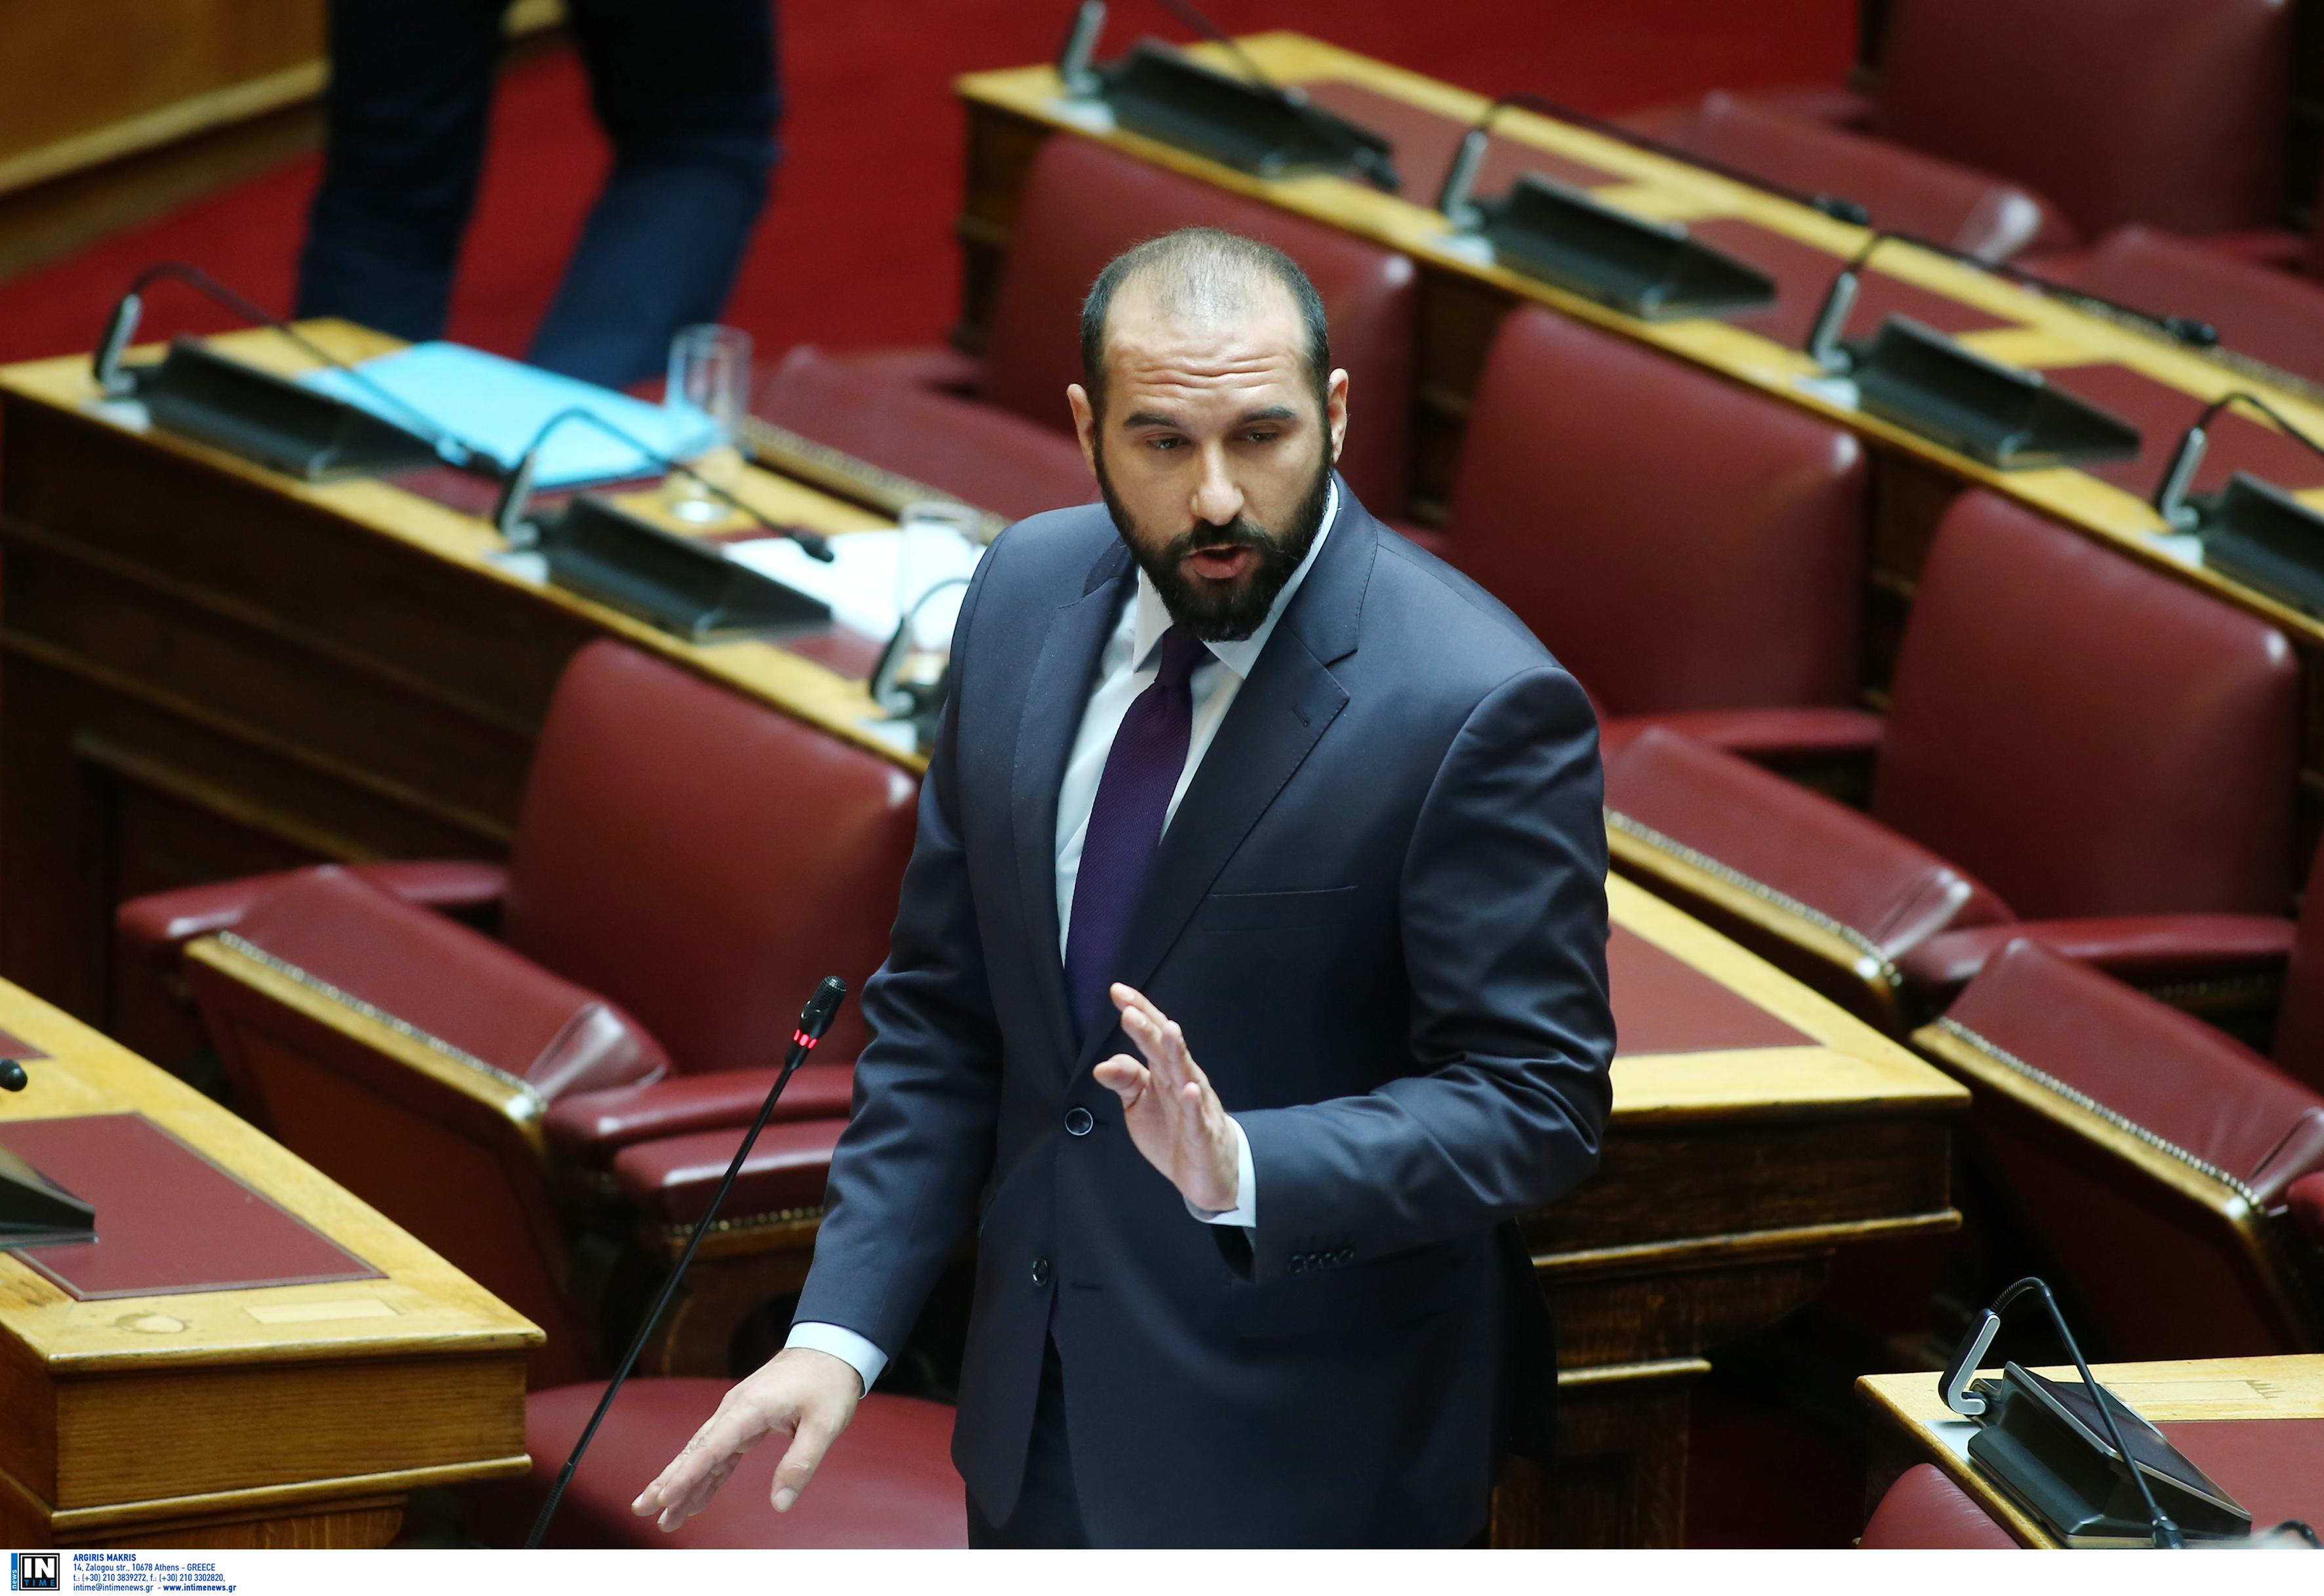 """Κοντός… ψαλμός Τζανακόπουλου για Προανακριτική: «Είμαστε ακόμη μέλη της Επιτροπής» - «Σκοτωμός» για τον """"ακροδεξιό"""" Γεωργιάδη και την ΑΣΟΕΕ"""